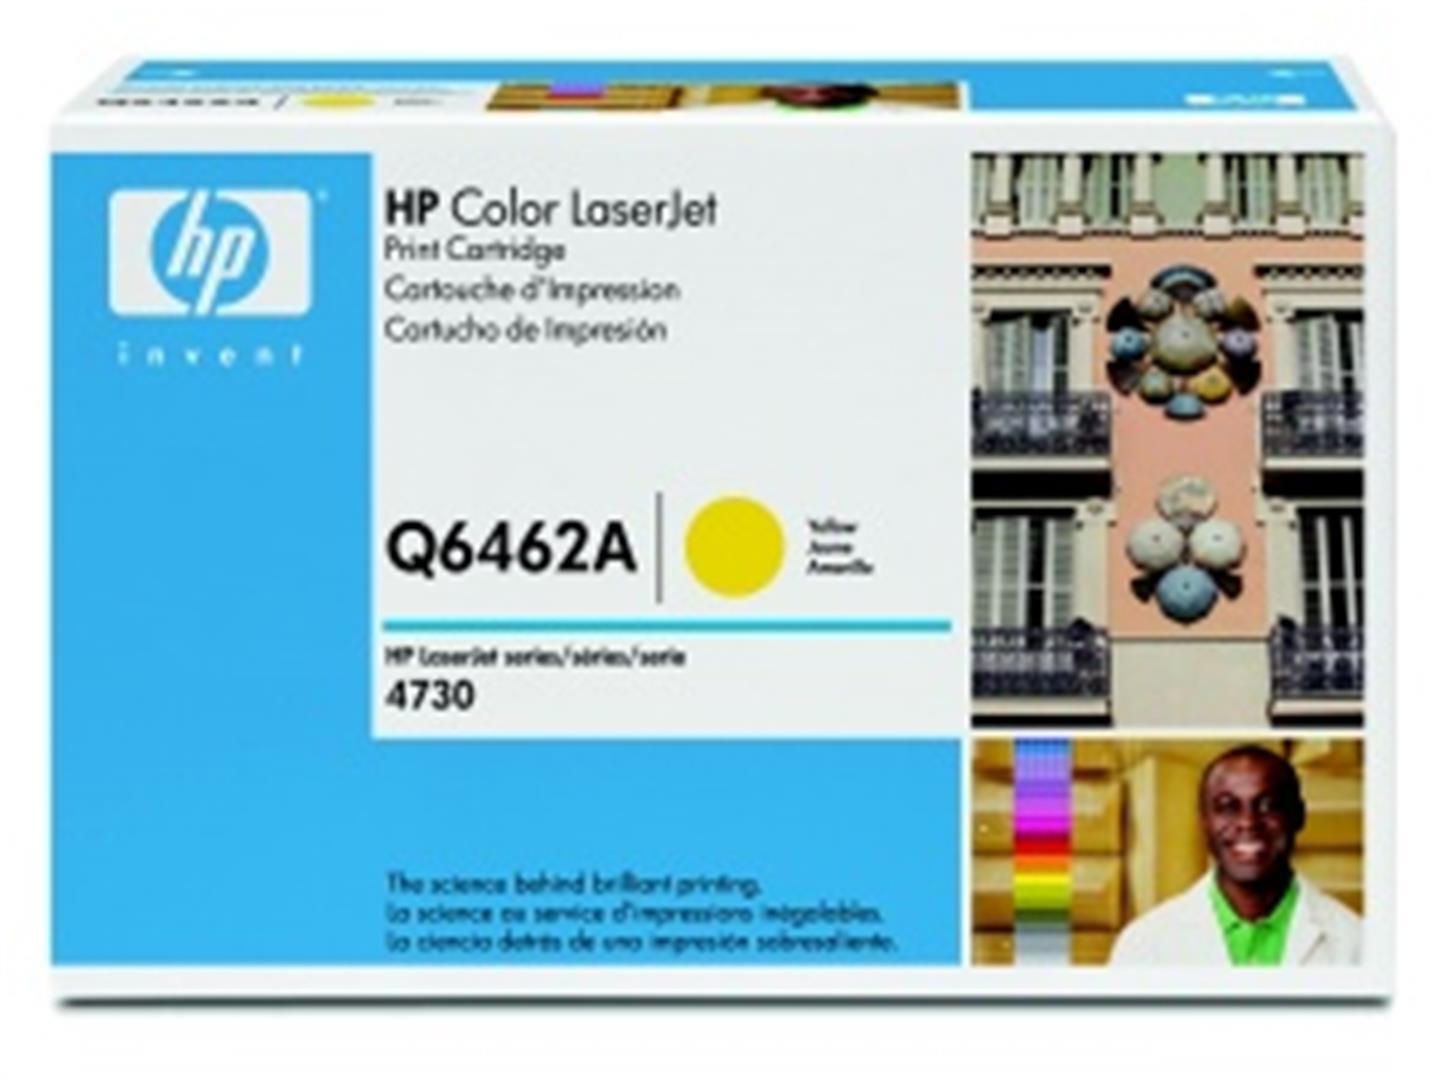 hp color laserjet žlutý toner, Q6462A